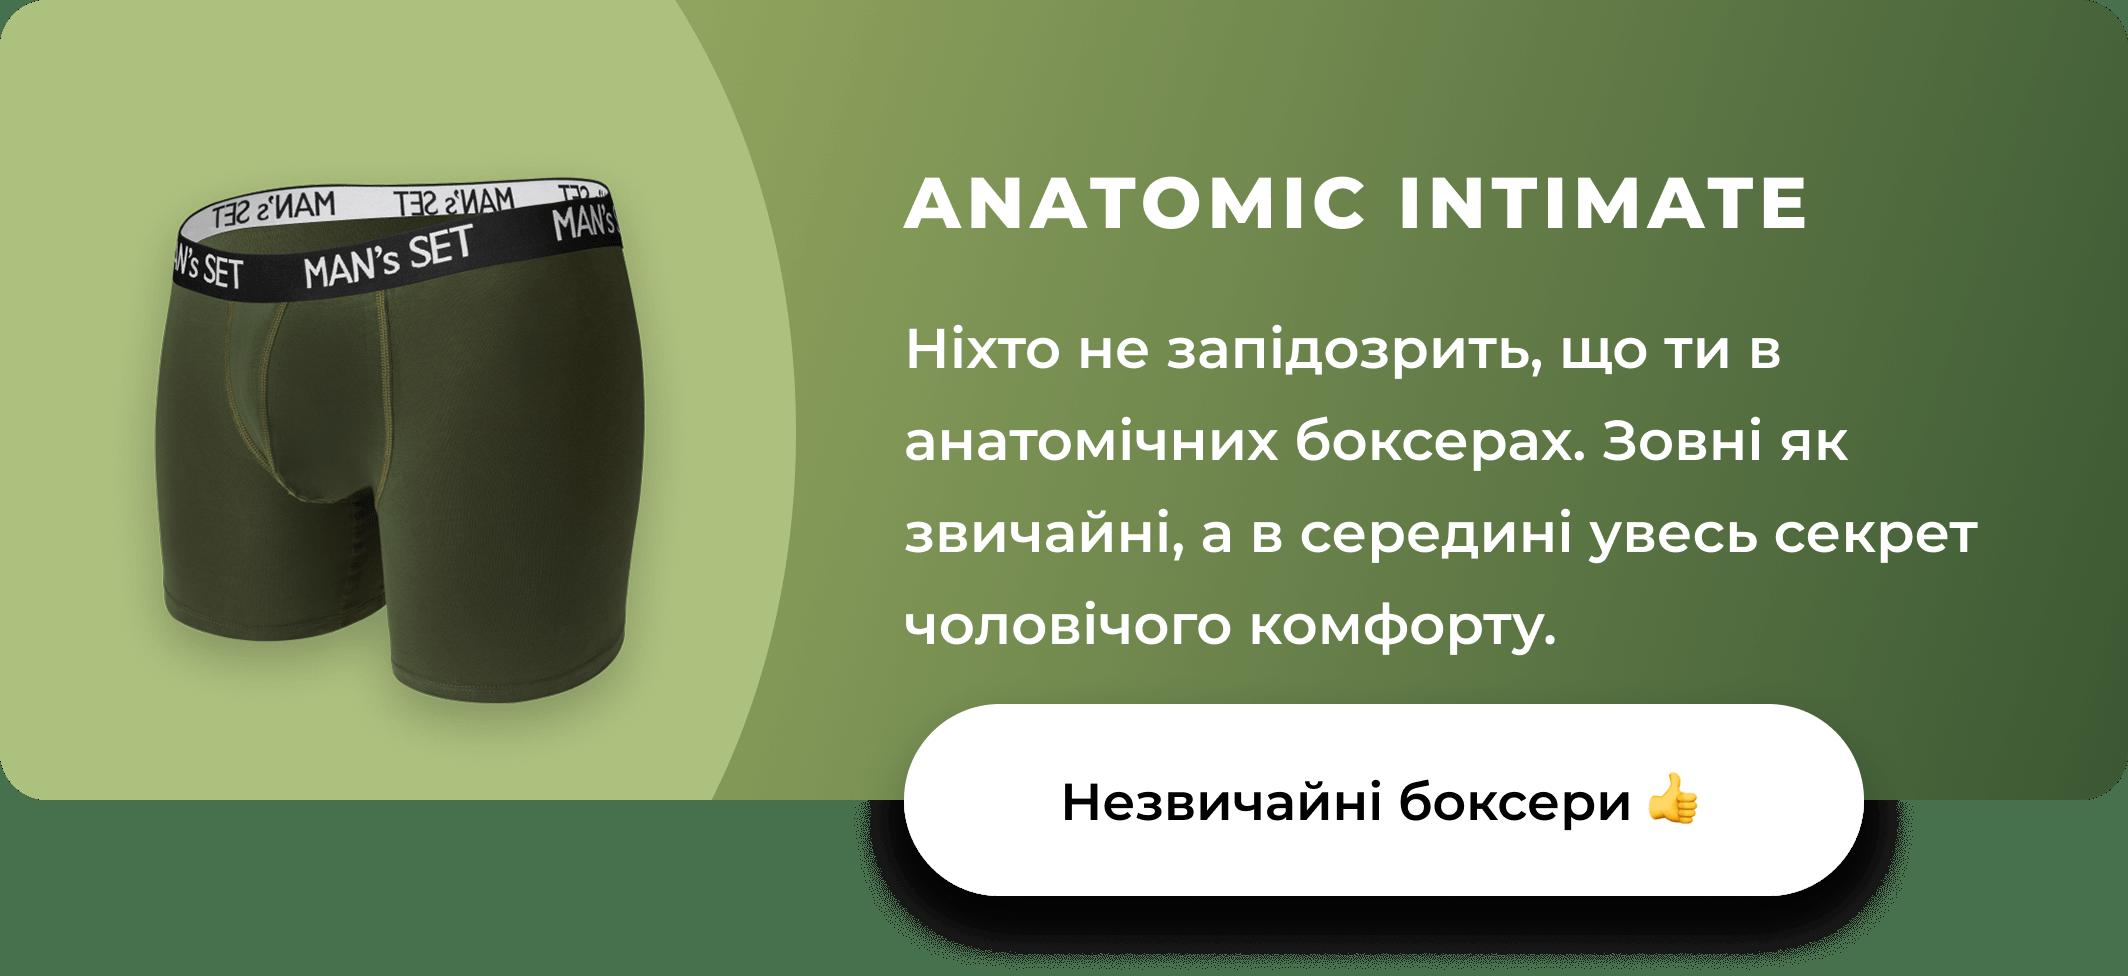 Анатомические боксеры Intimate